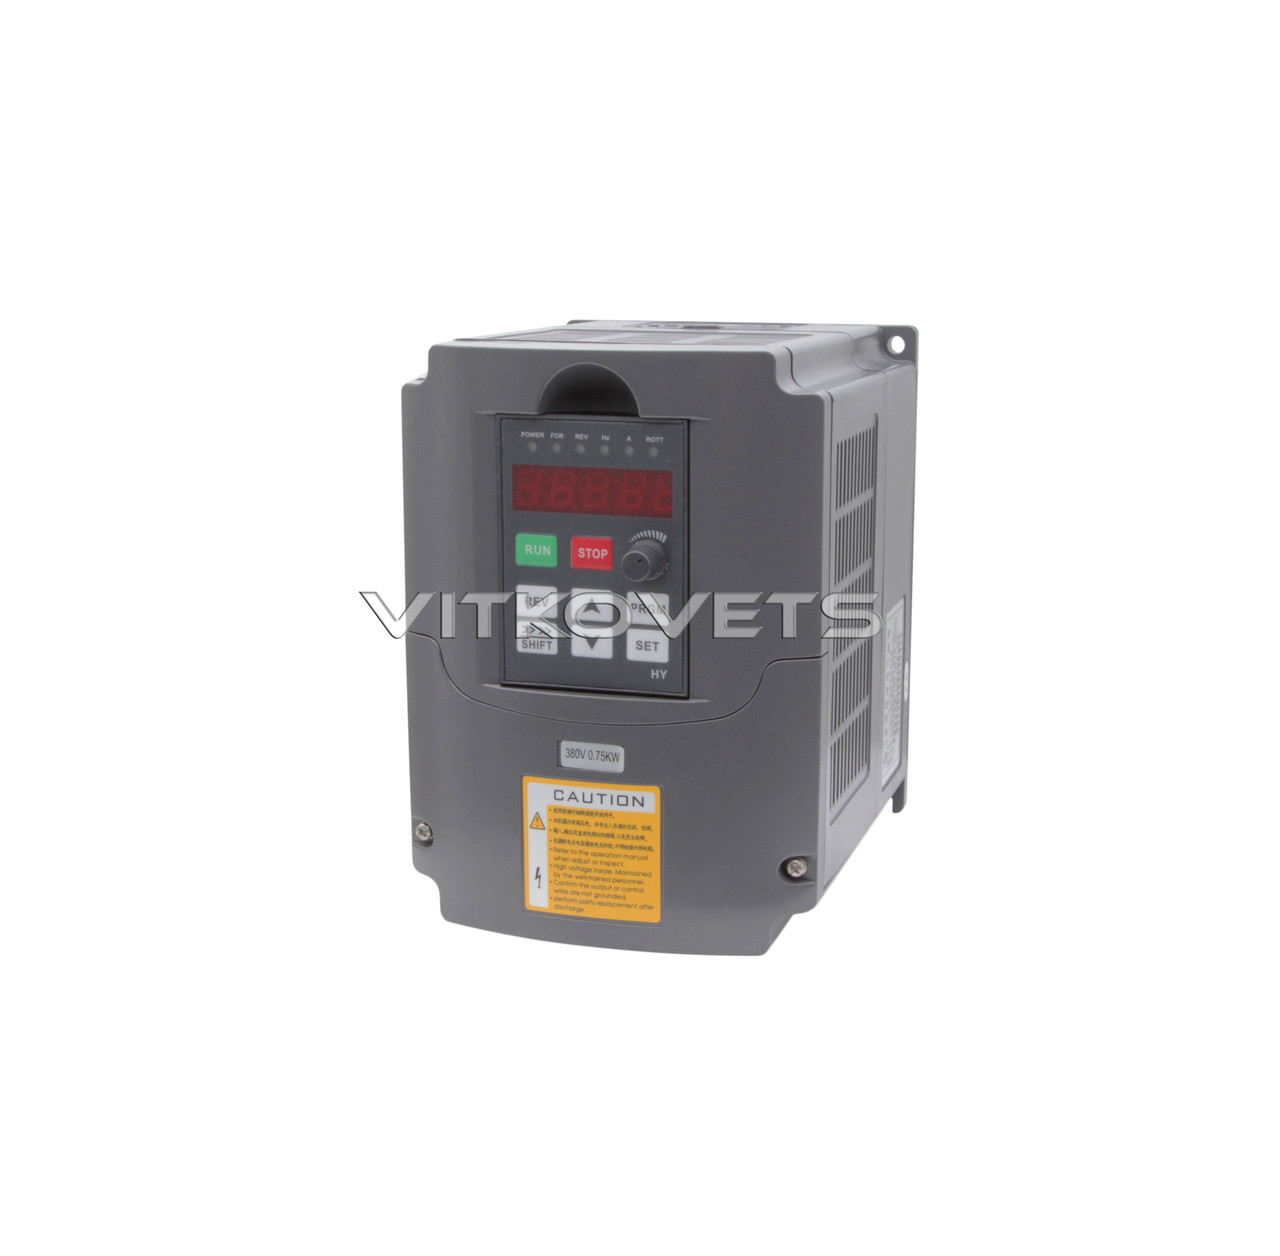 Инвертор HY0D7543B, 0.75KW 2.5A 380V